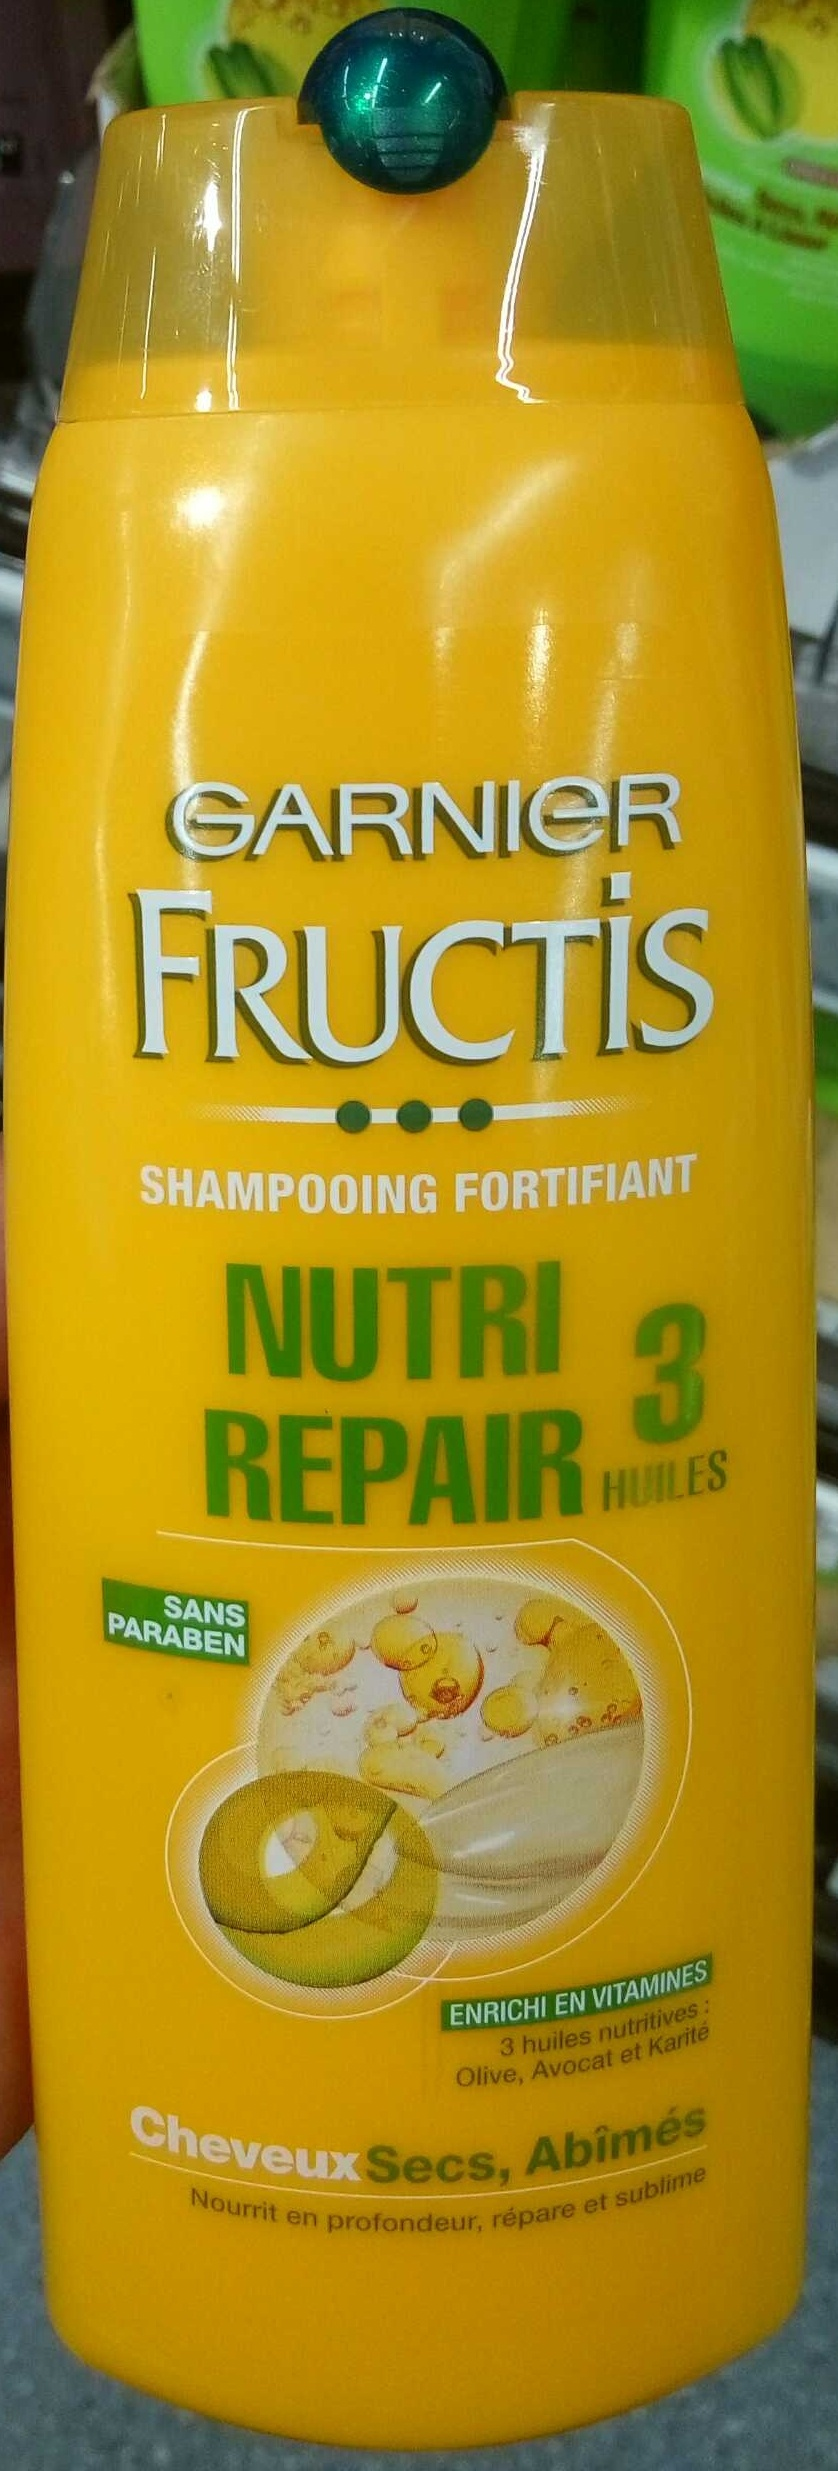 Fructis Nutri Repair 3 Huiles - Product - fr